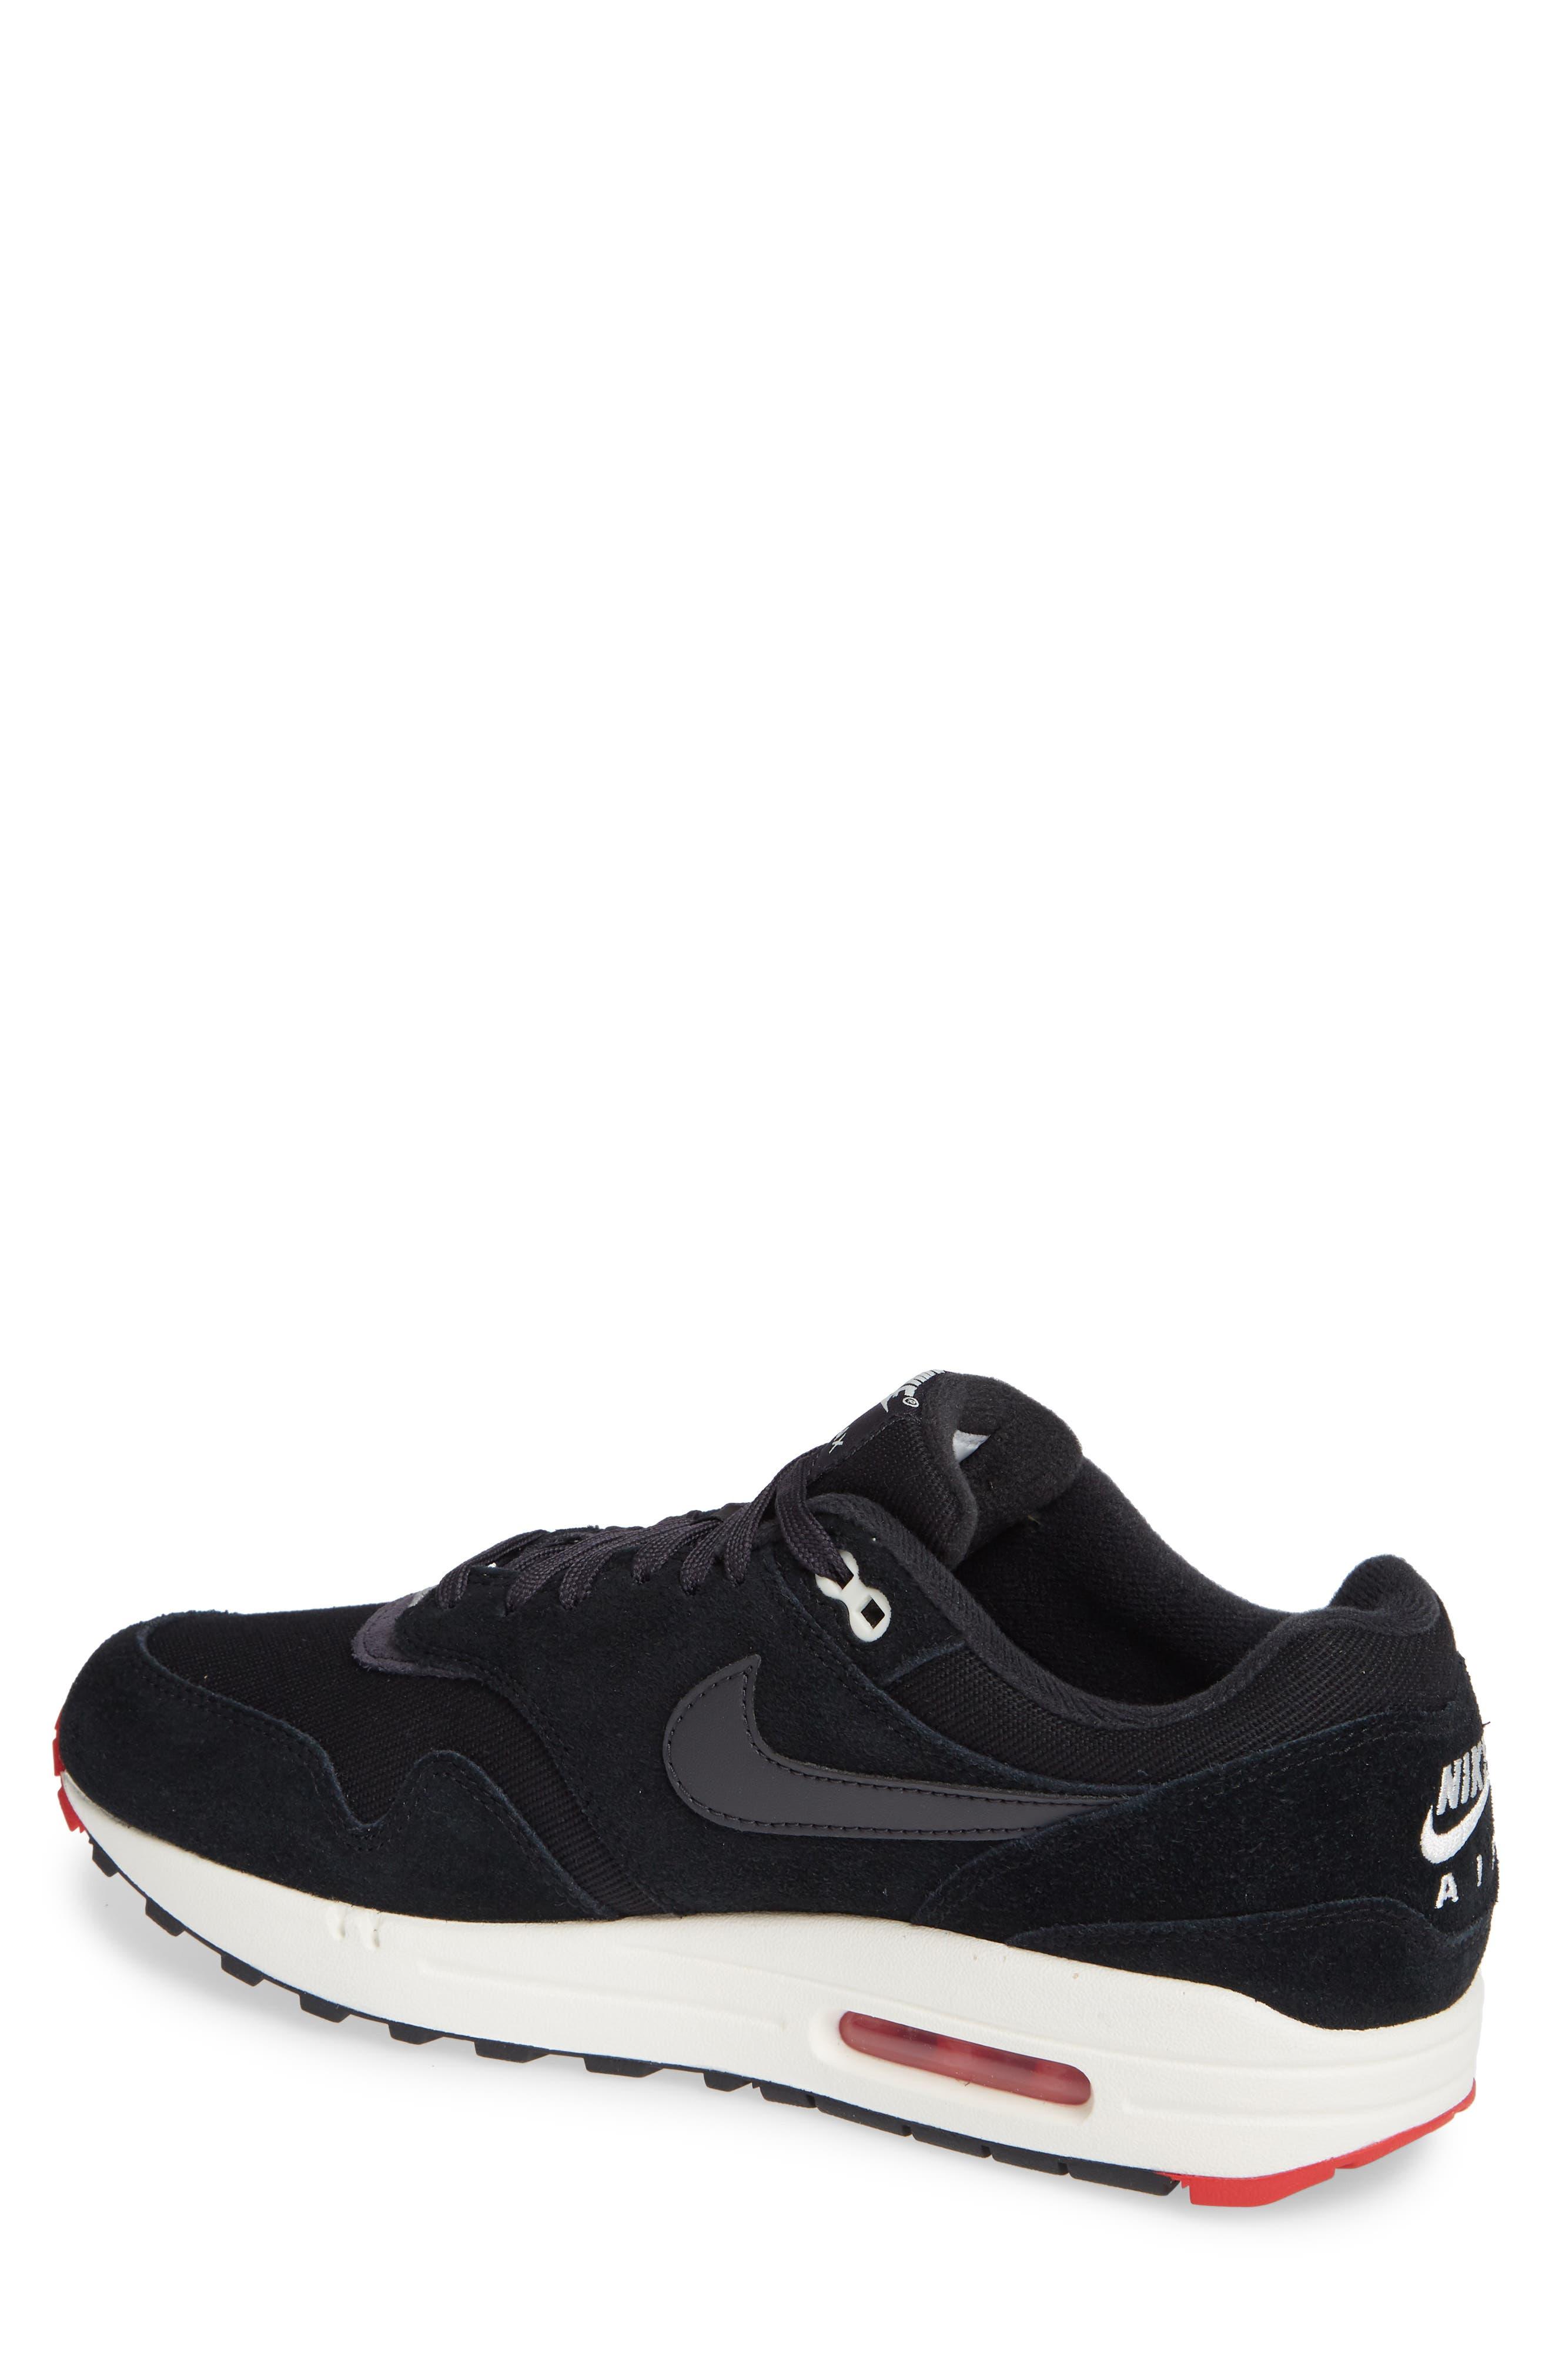 Air Max 1 Premium Sneaker,                             Alternate thumbnail 2, color,                             Black/ Grey/ University Red